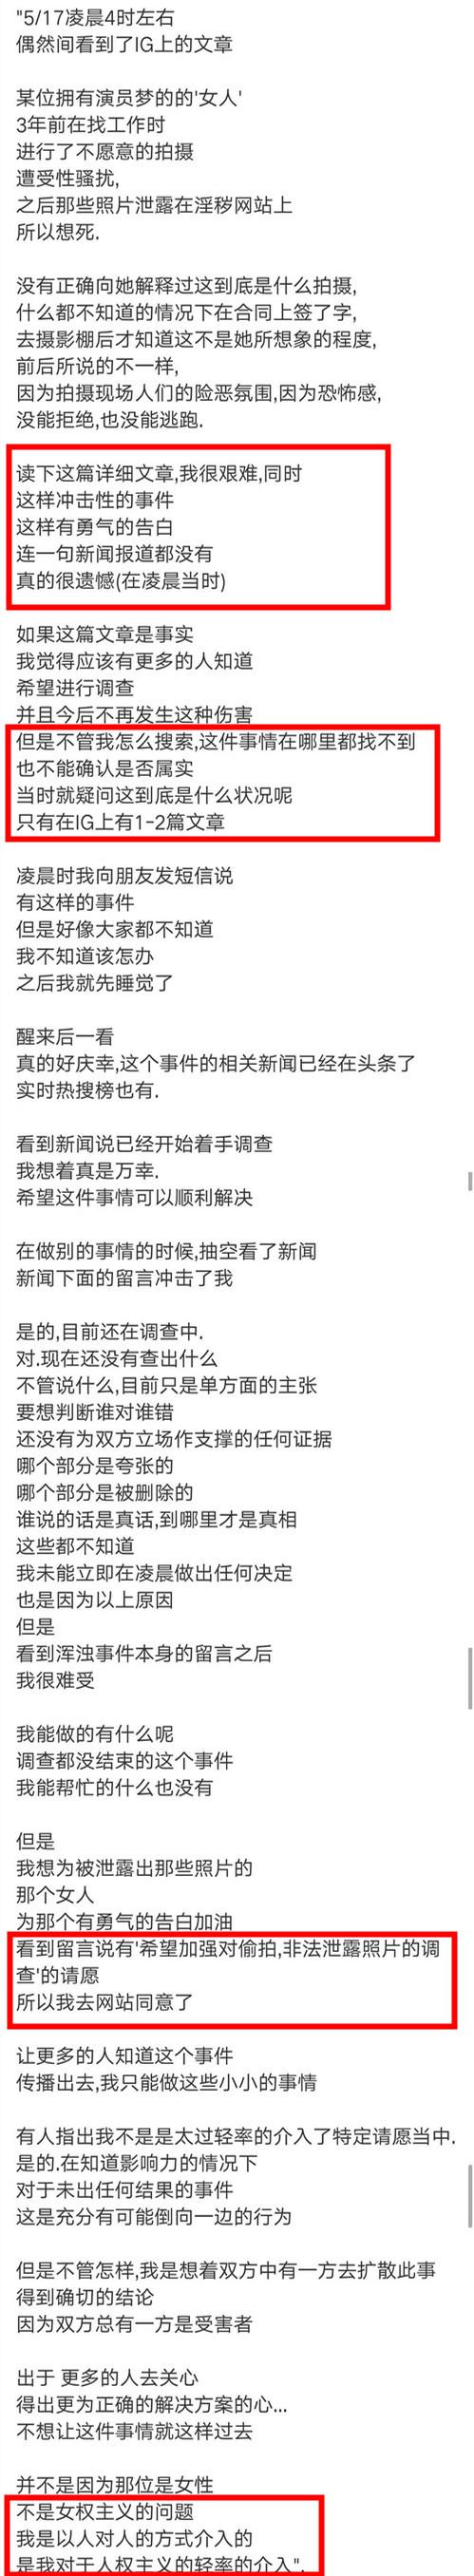 """韩国网友荒唐请愿""""处死秀智"""",女权主义在韩国到底有多敏感?"""